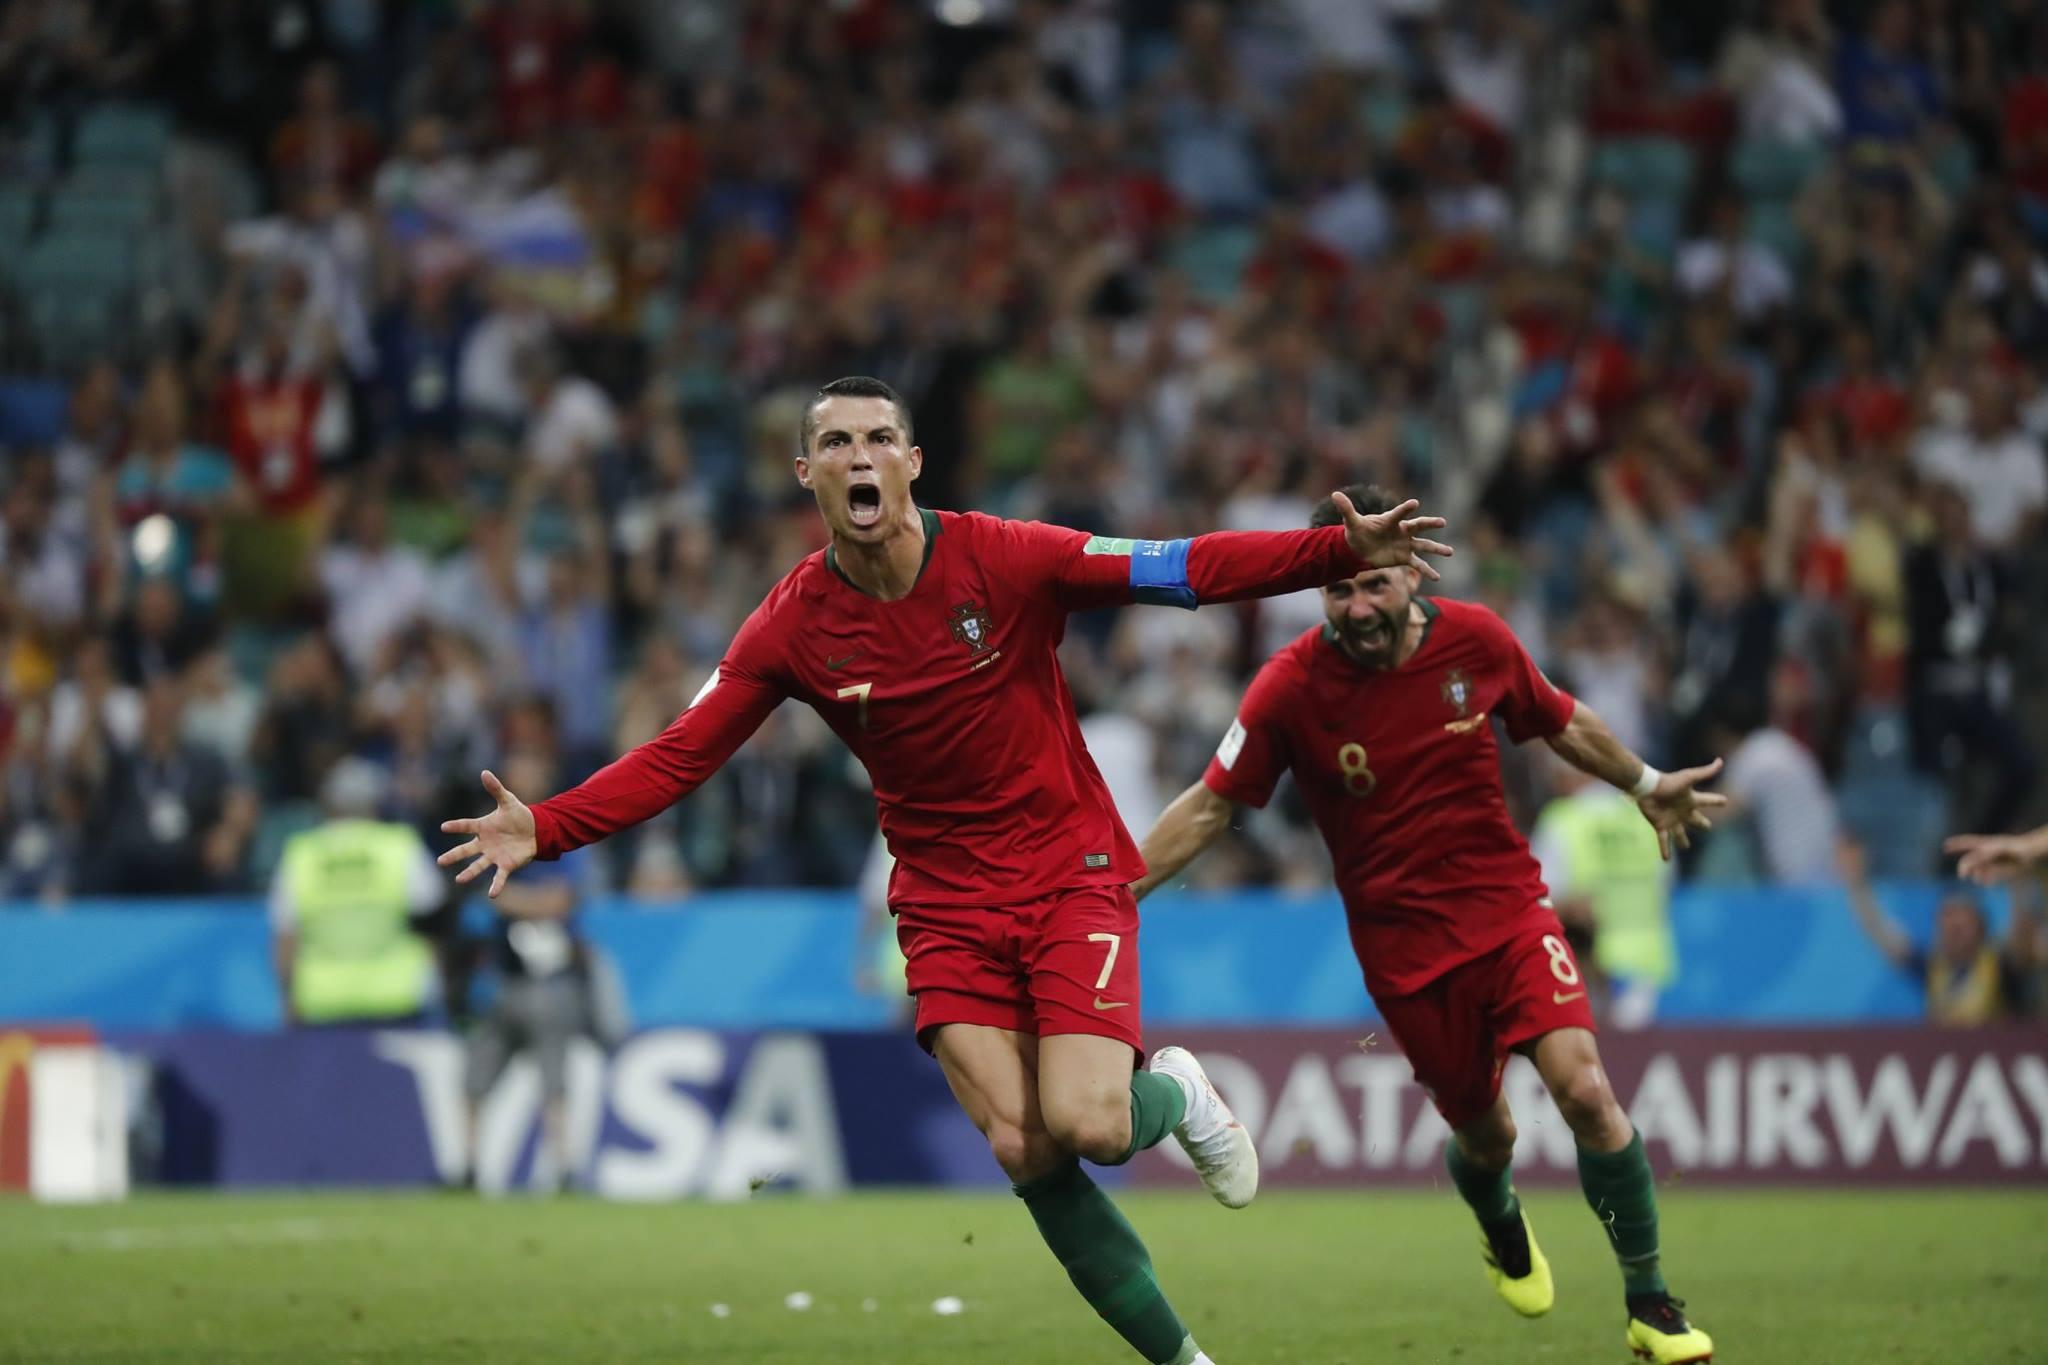 Cristiano Ronaldo arrasou o Mundial com três golos na conta pessoal.